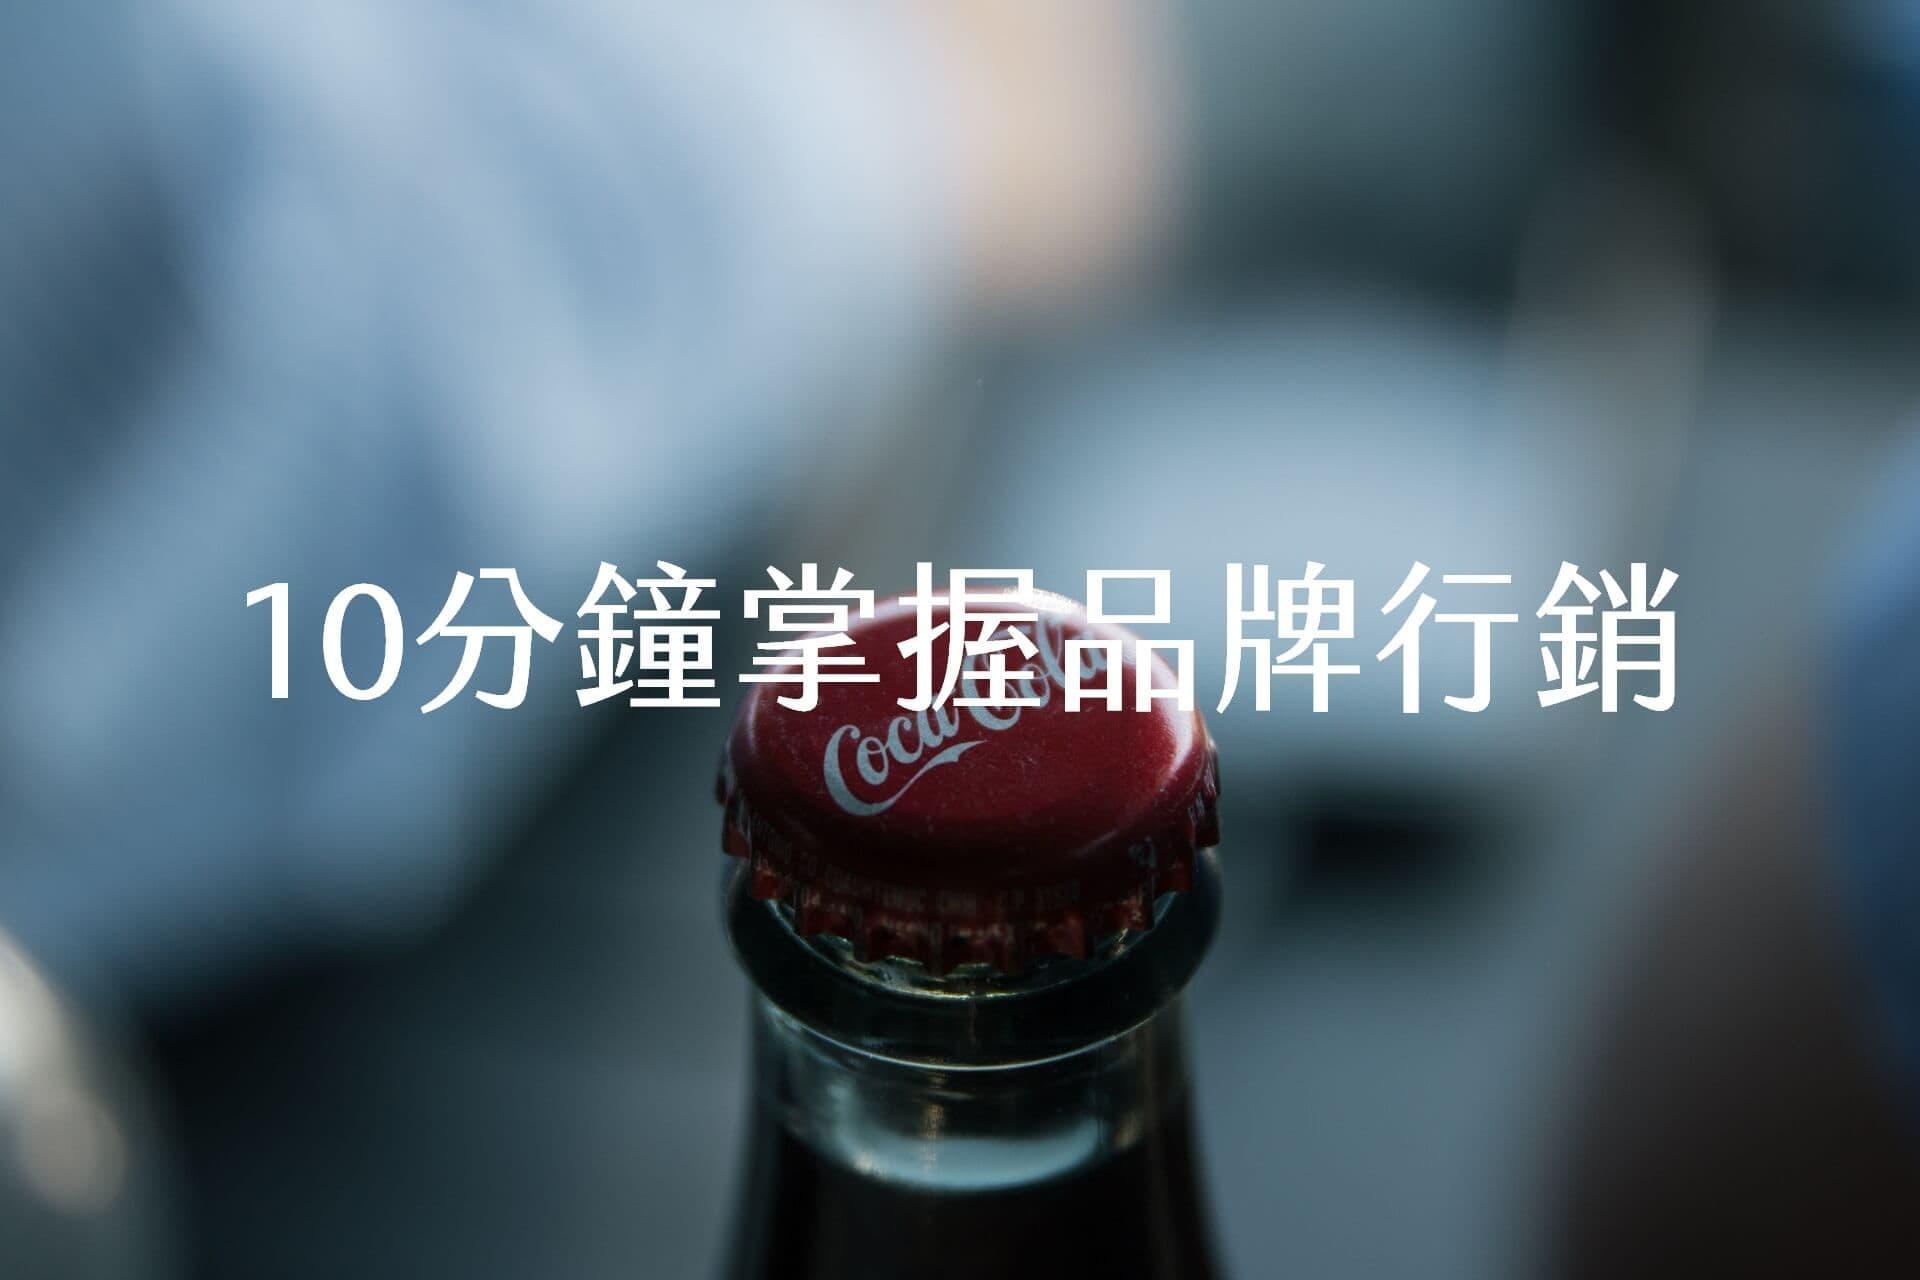 【嘉鴻筆記】10分鐘掌握品牌行銷:從無名到知名的25堂關鍵行銷課 1